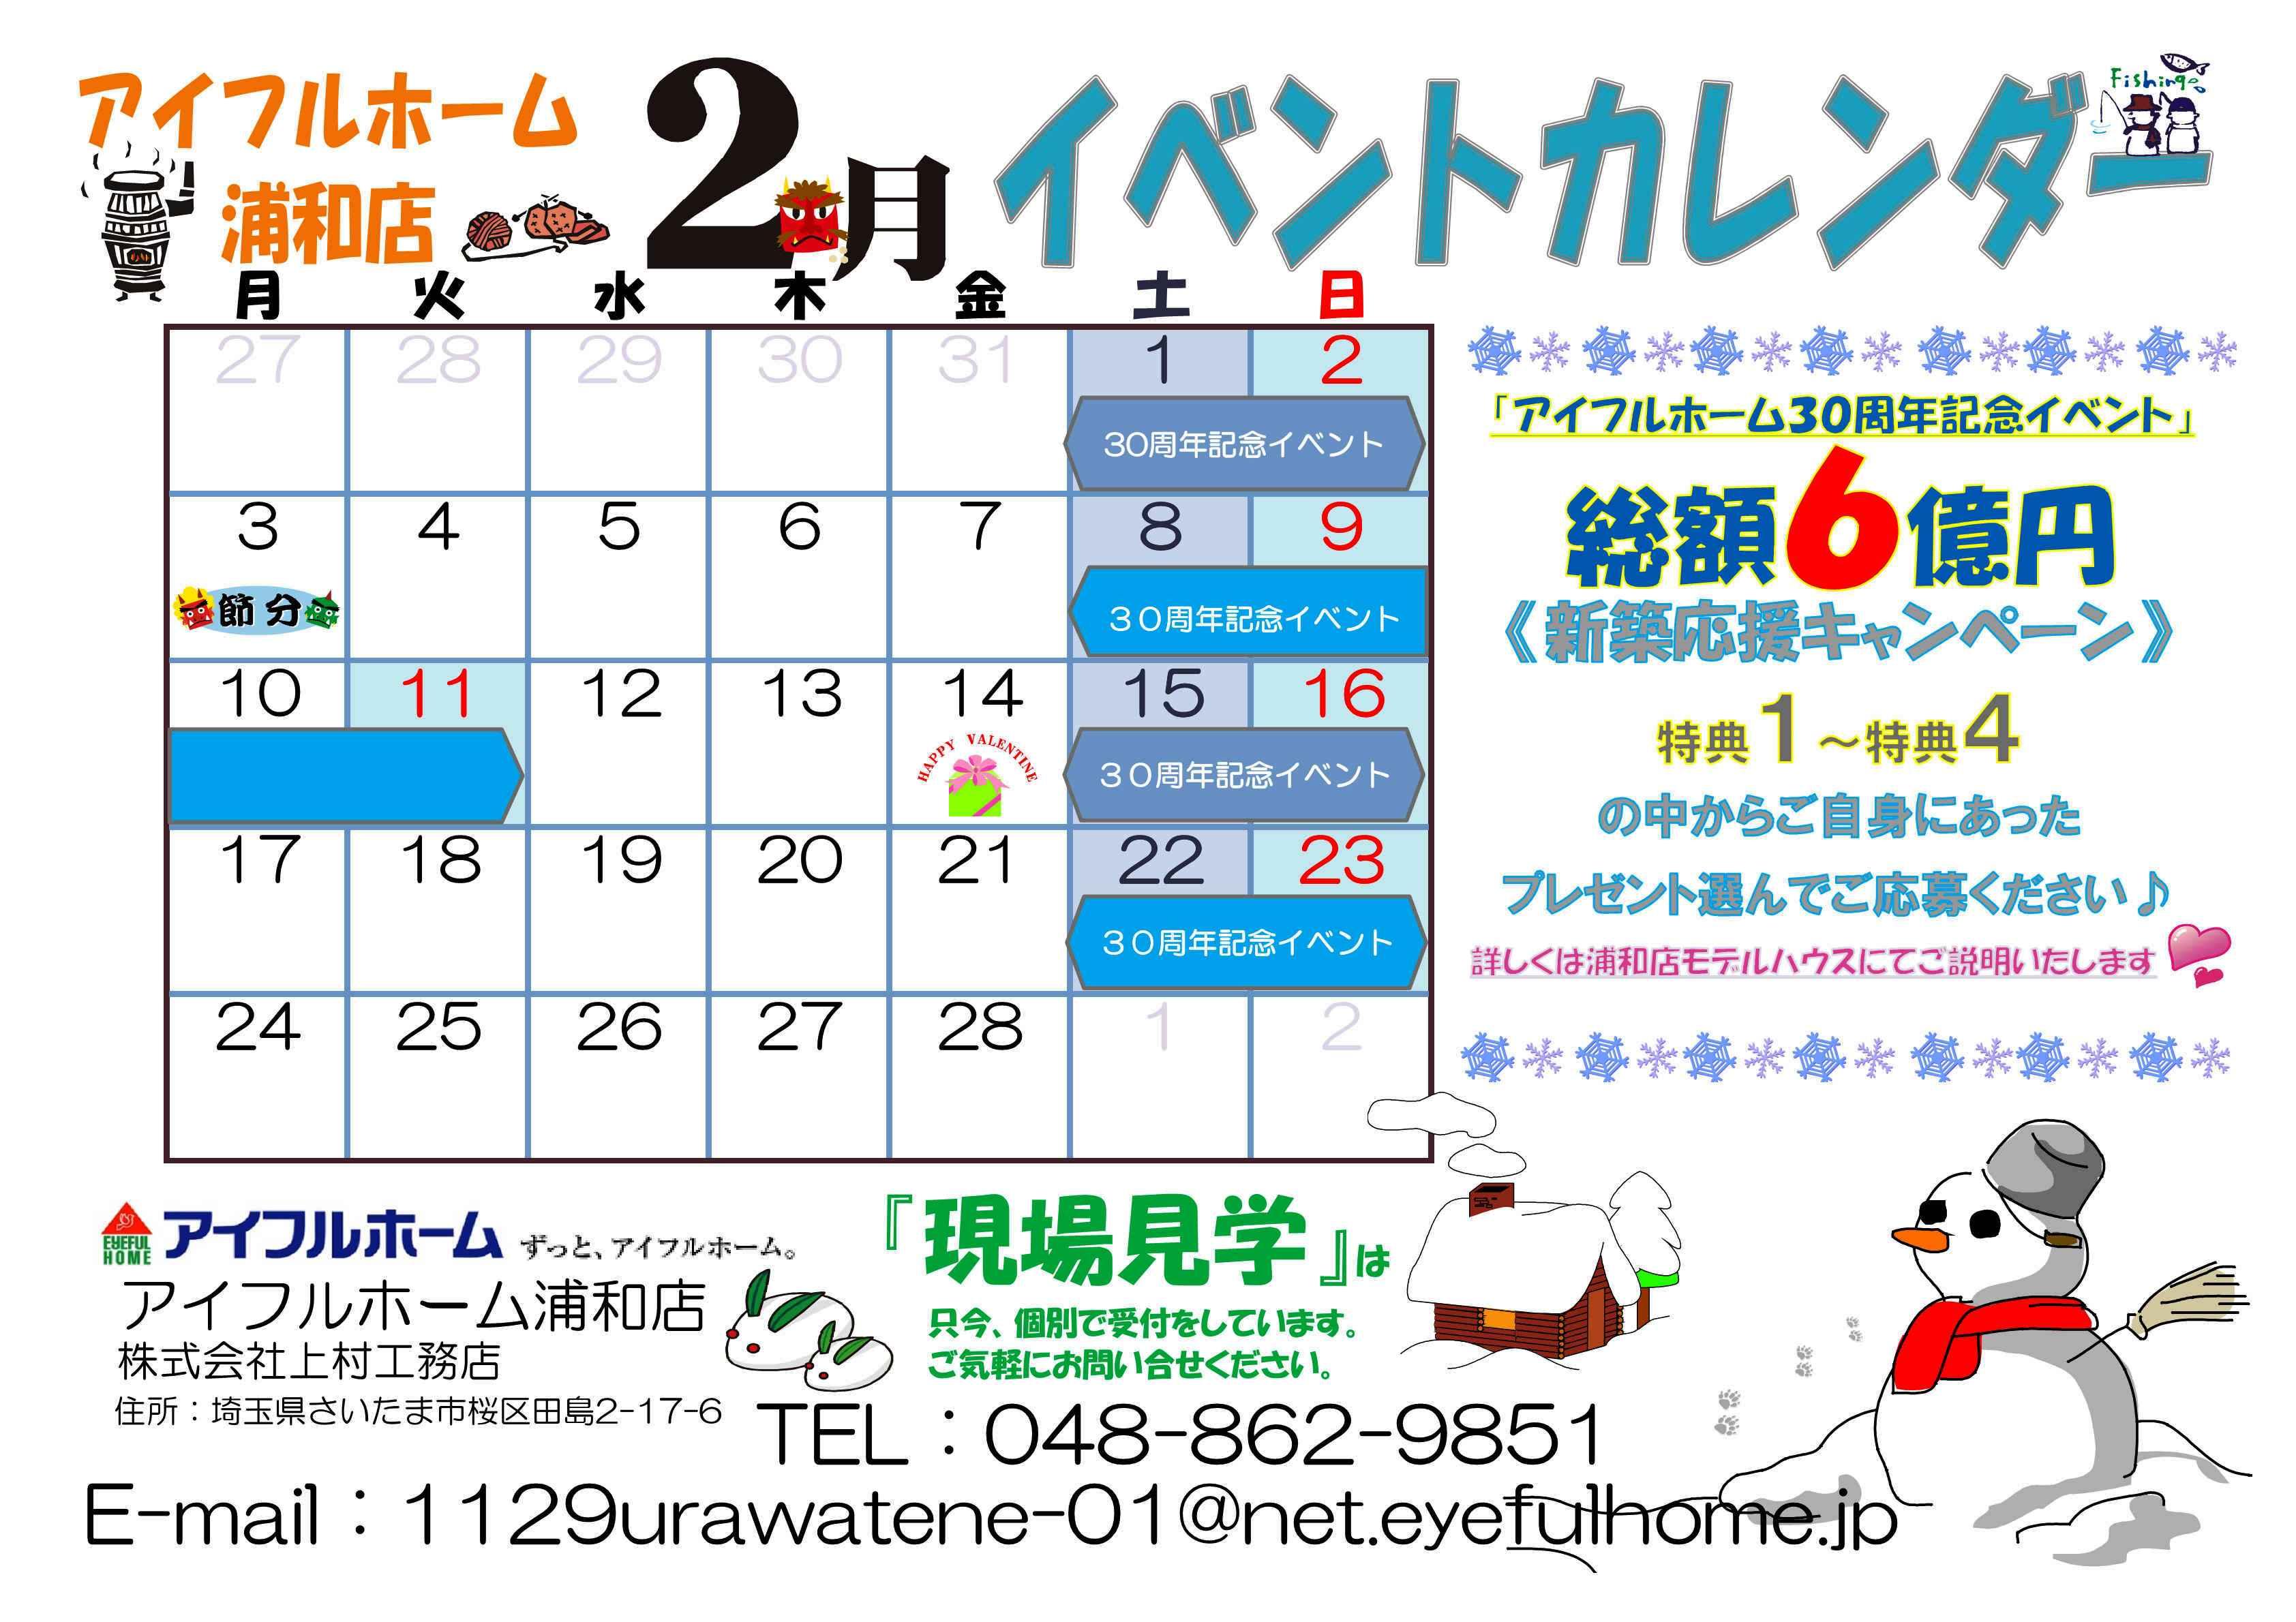 201402-2イベンカレンダー